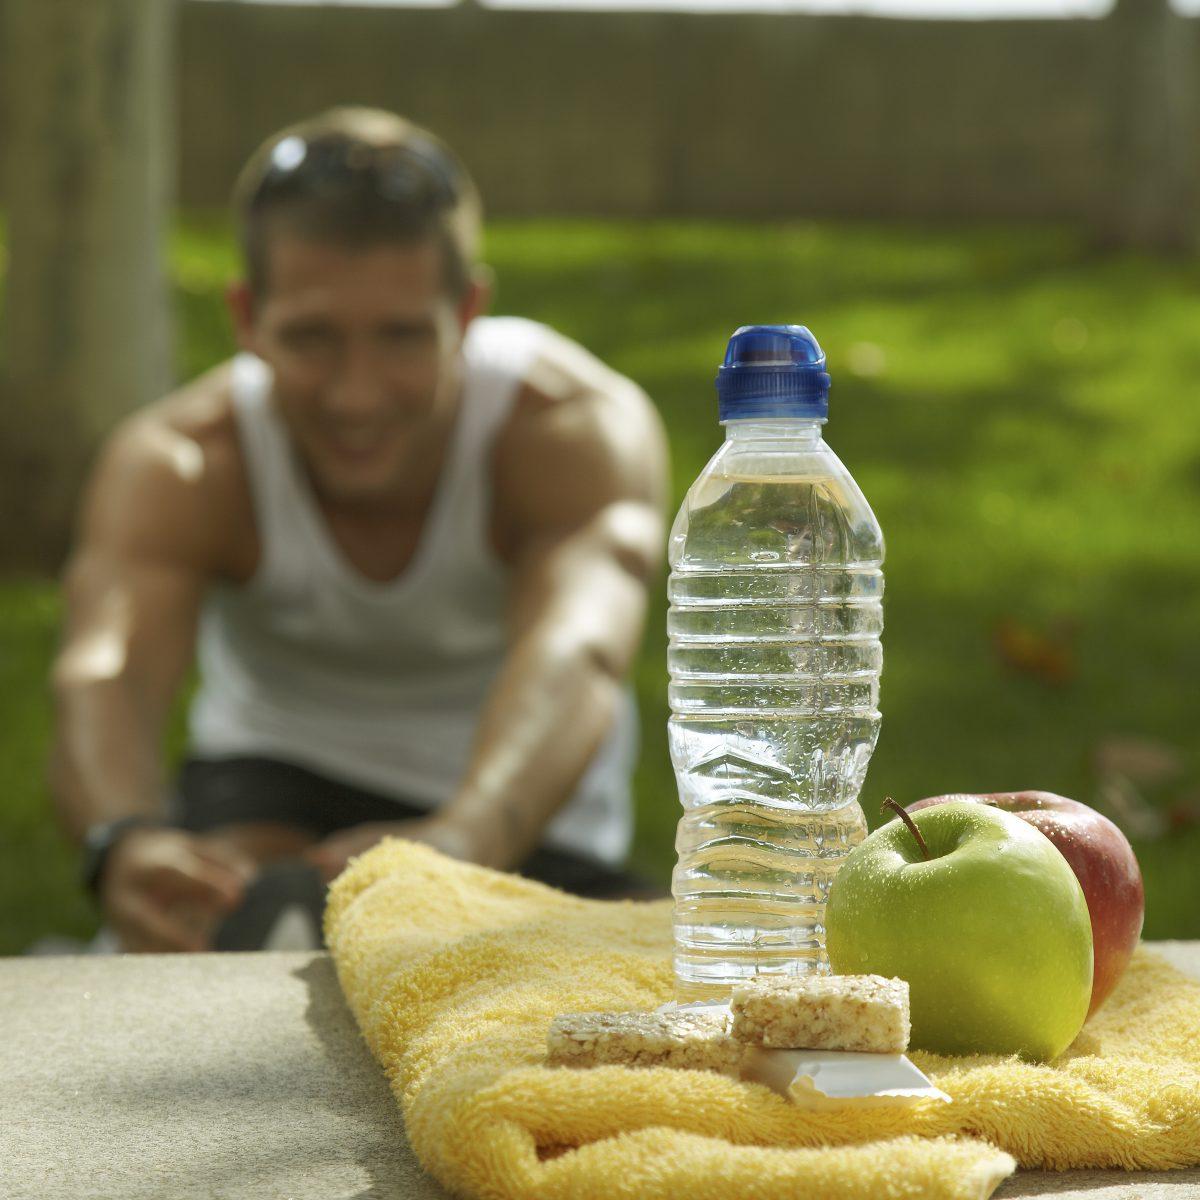 فوائد ماء المخلل الصحية المتنوعة